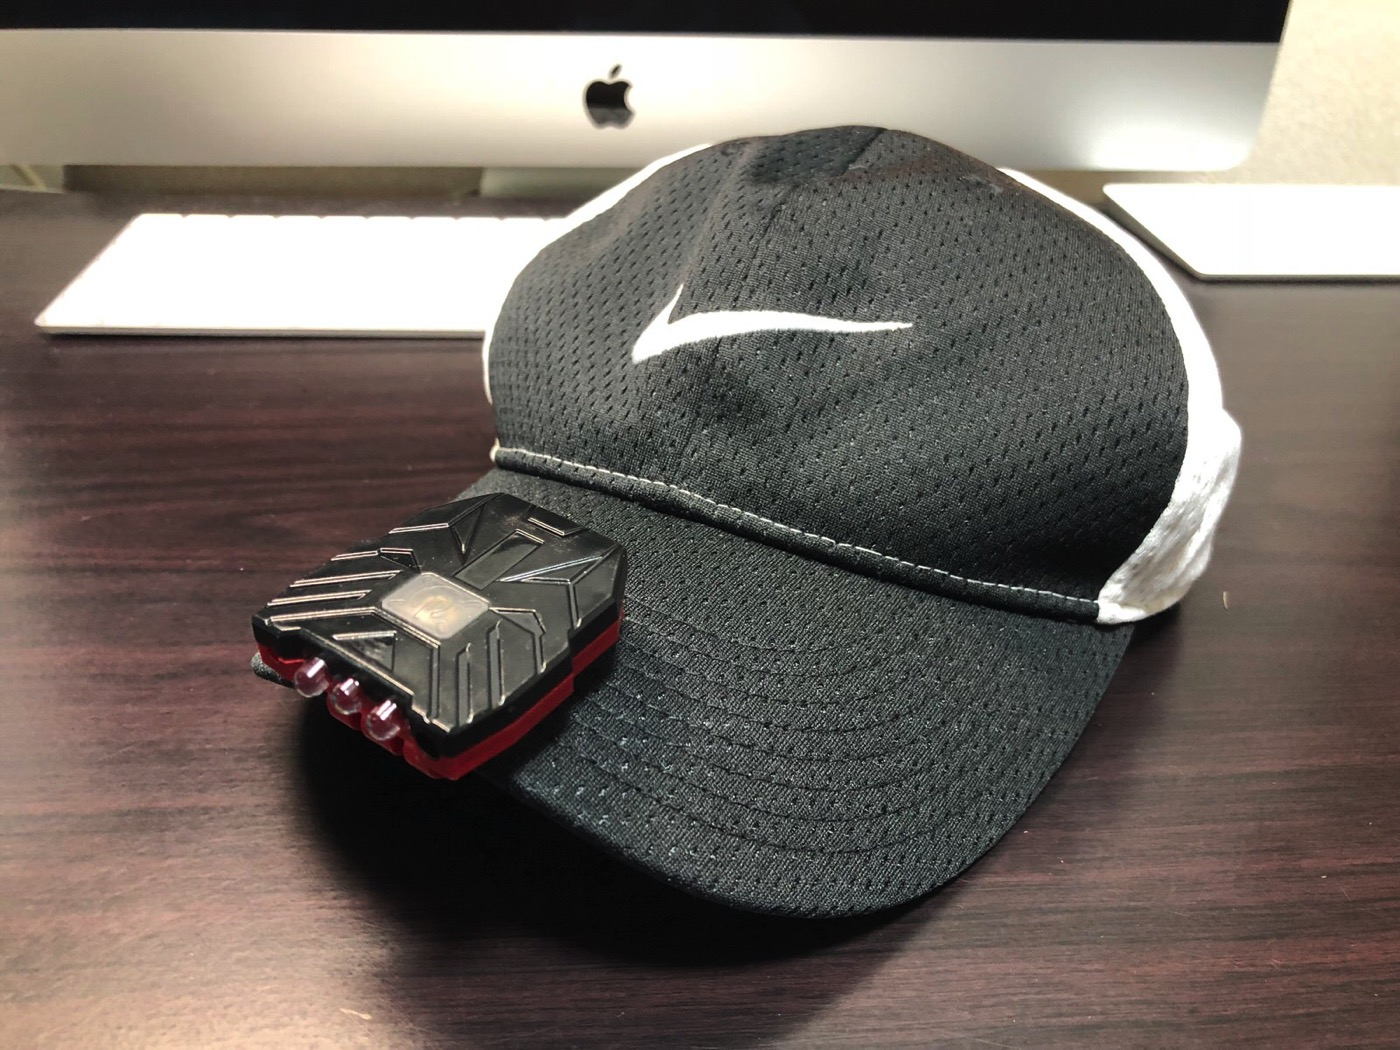 ヘッドライト 40ルーメン LEDキャップライト 帽子ライト センシング機能付 人感センサー ライト 2点灯モード 90度角度調節可能 帽子に挟んで使う-12